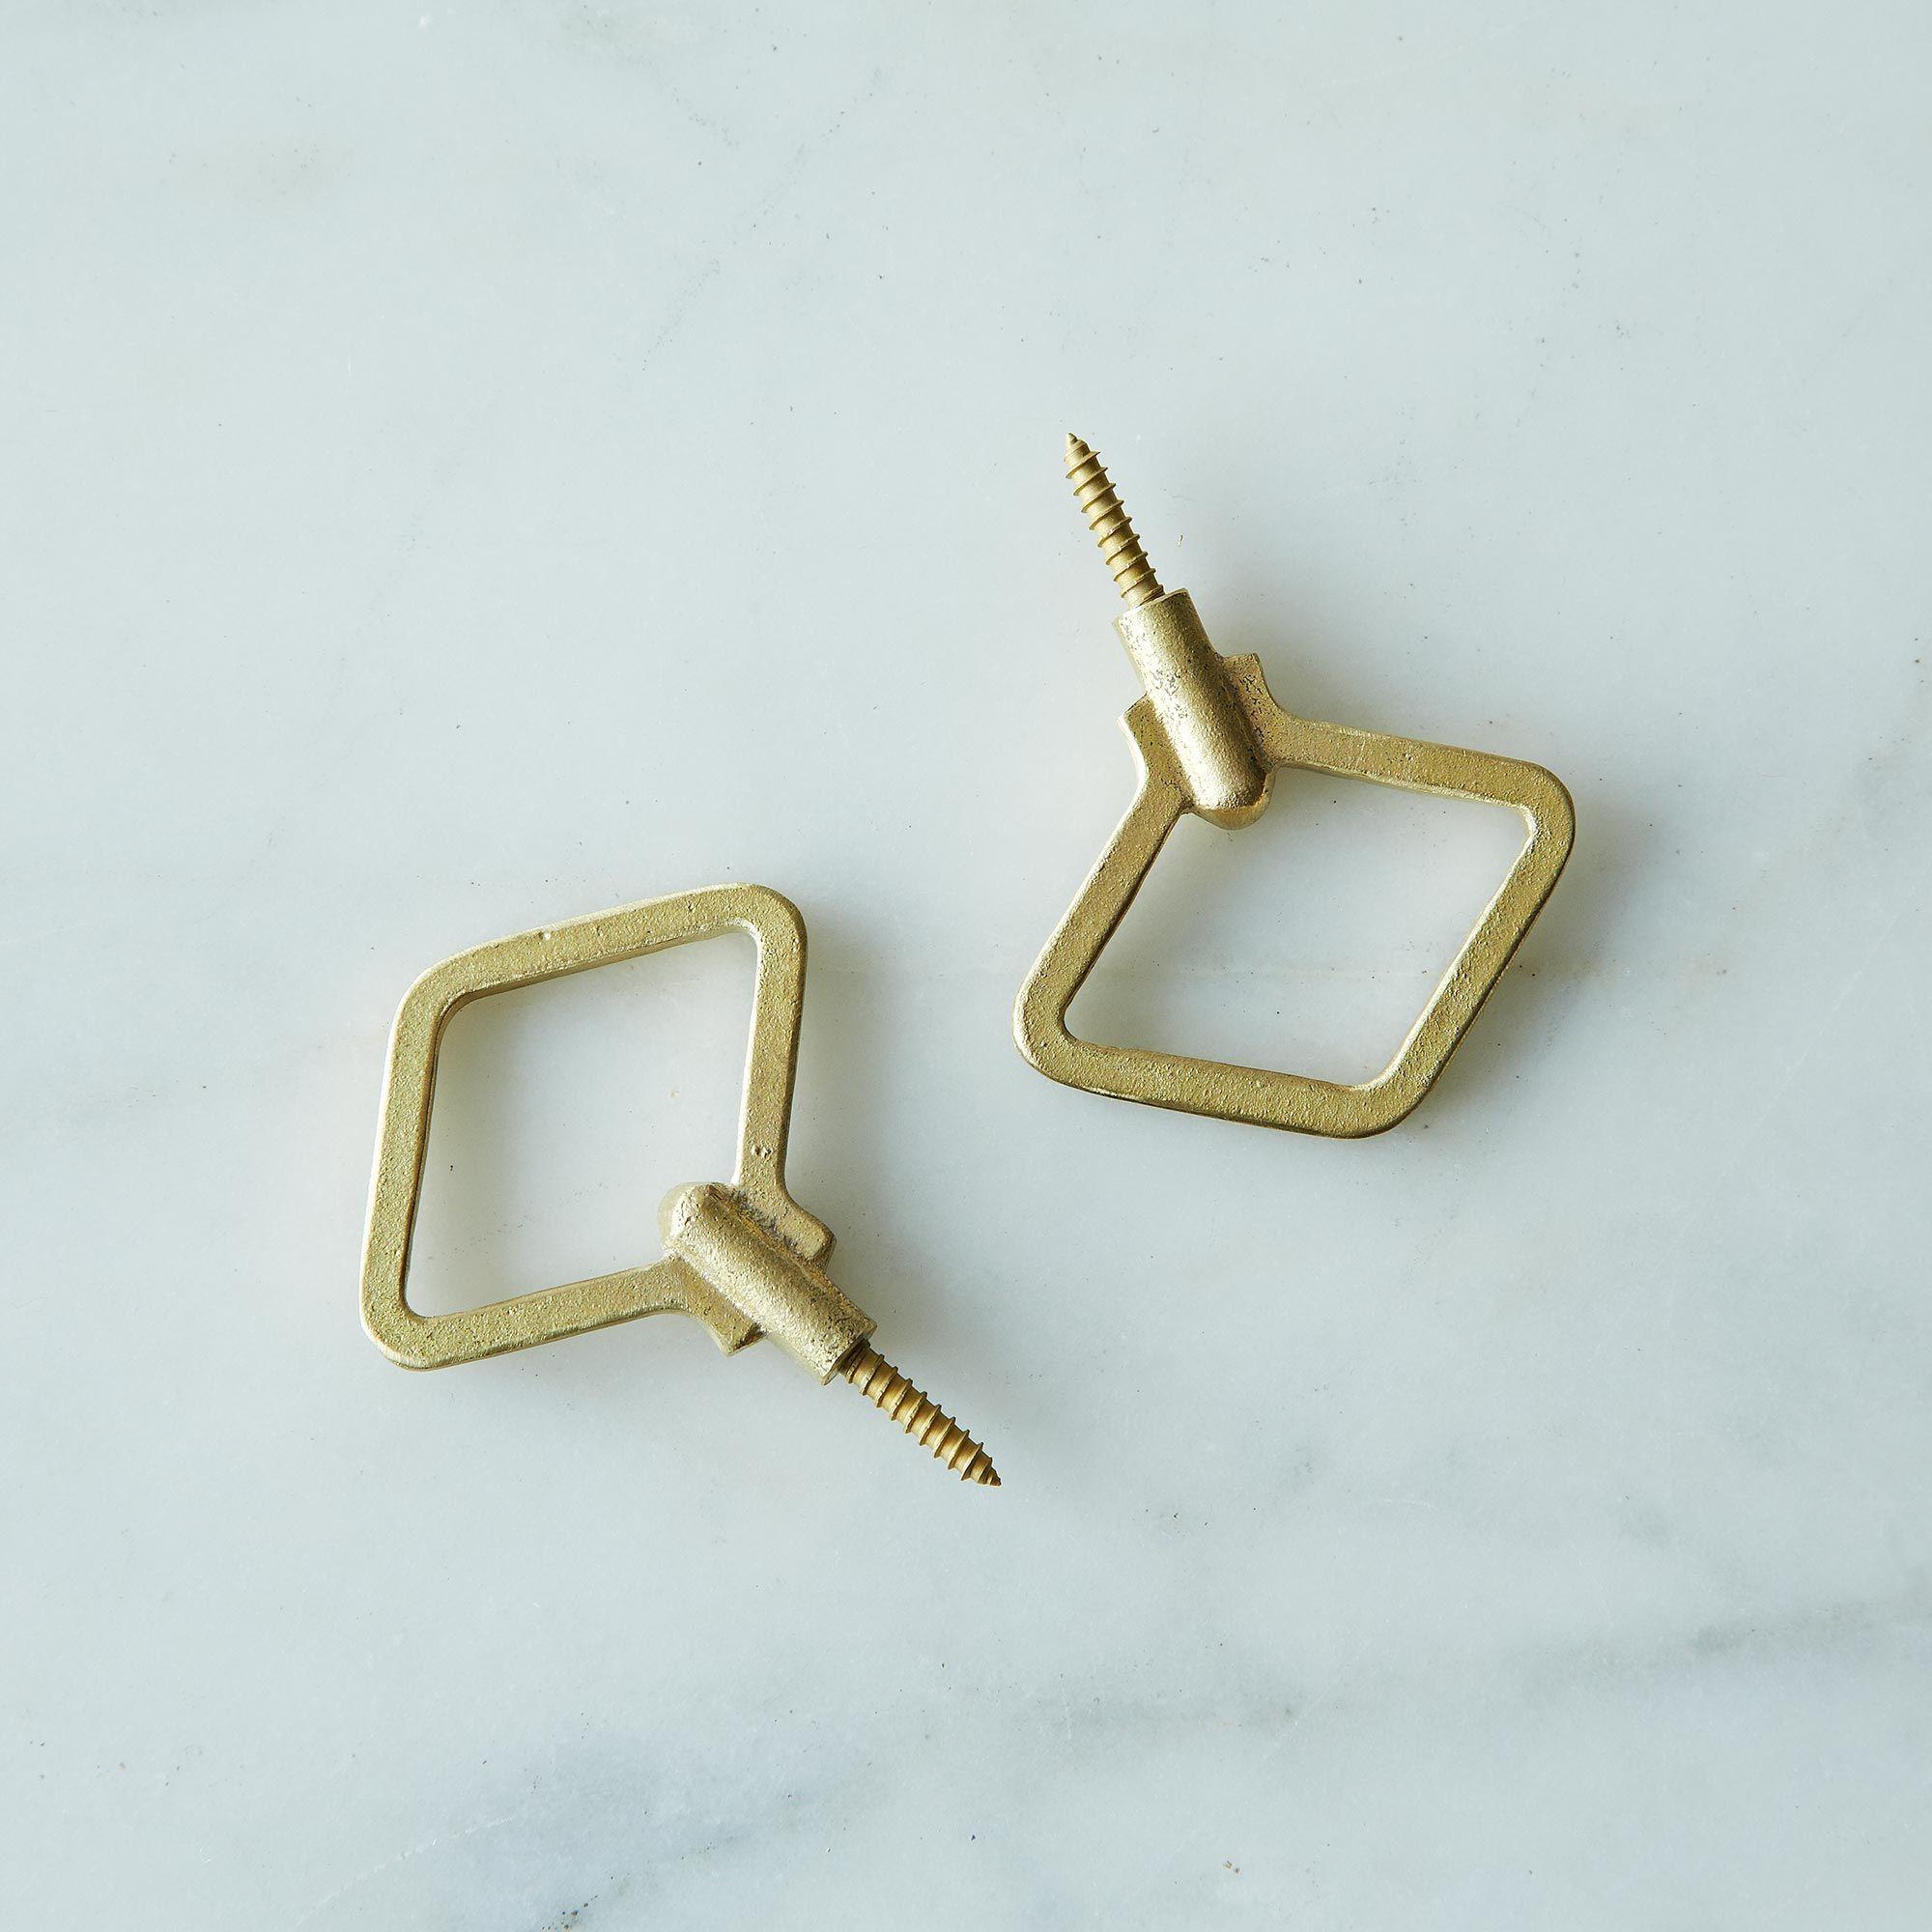 E7e342bc 1326 41de 8d2a 0b6c5db70531  2014 0122 spartan shop diamond brass wall hooks set of 2 001